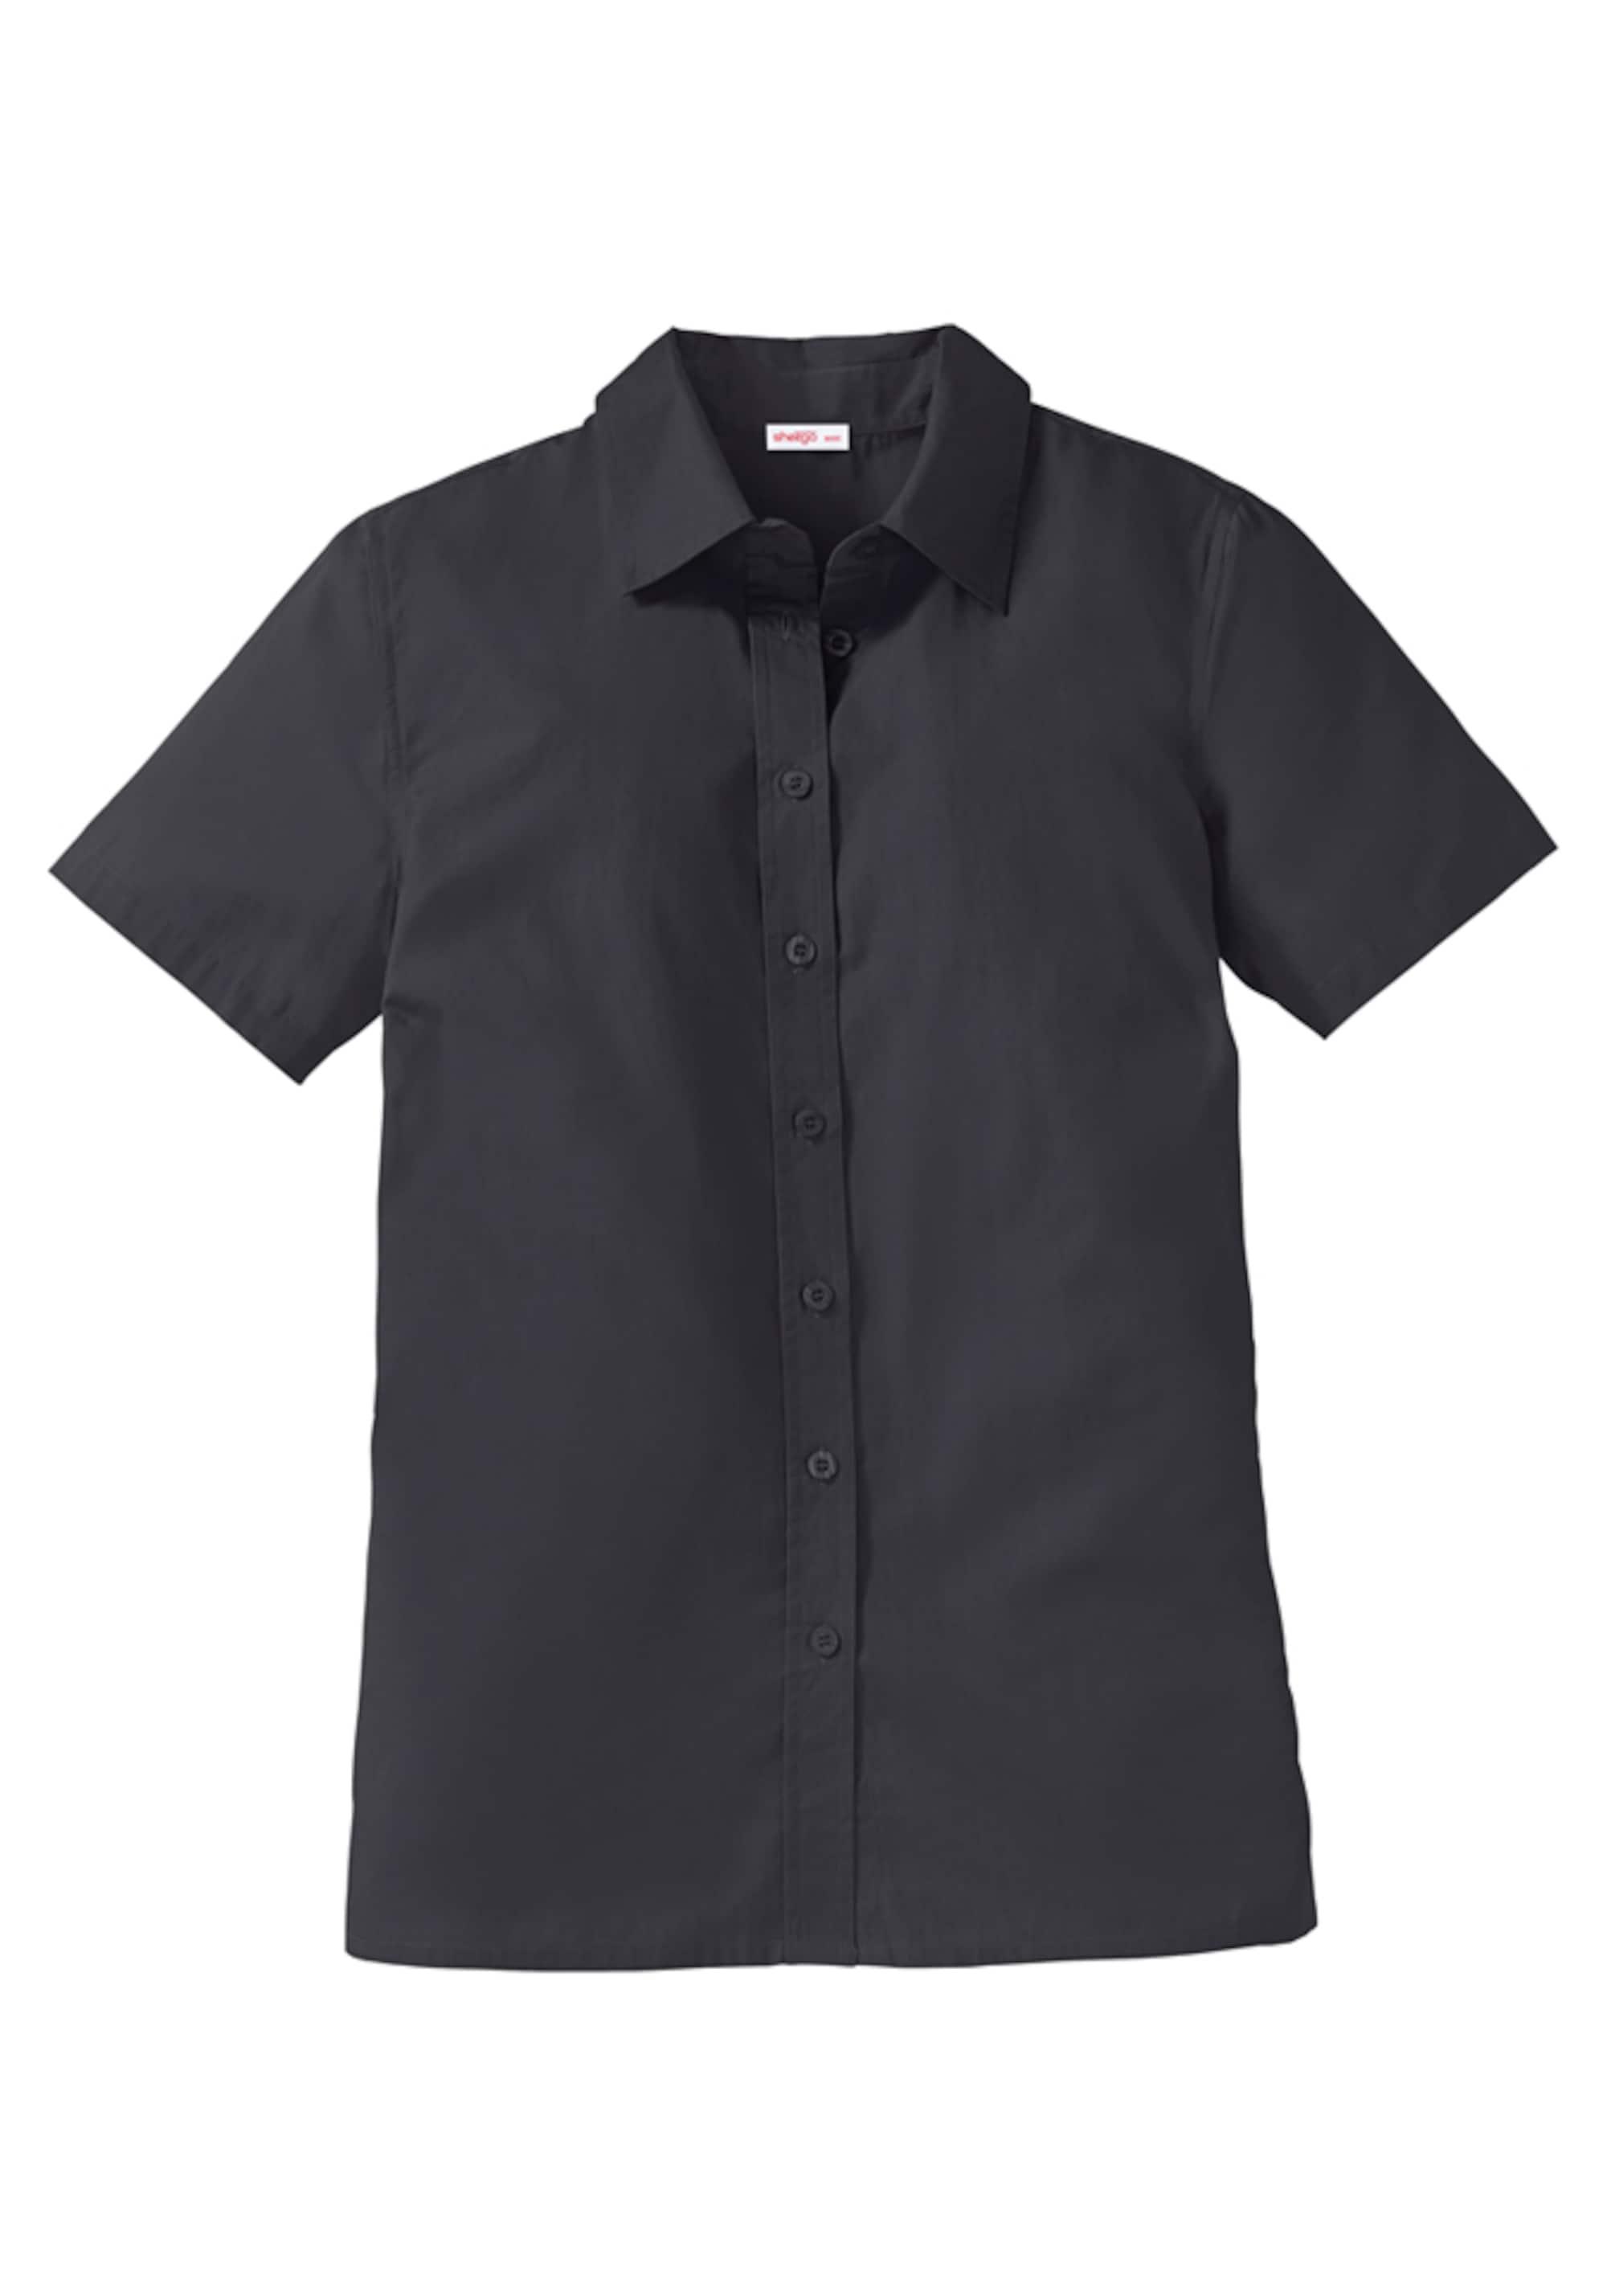 Image of Basic Bluse